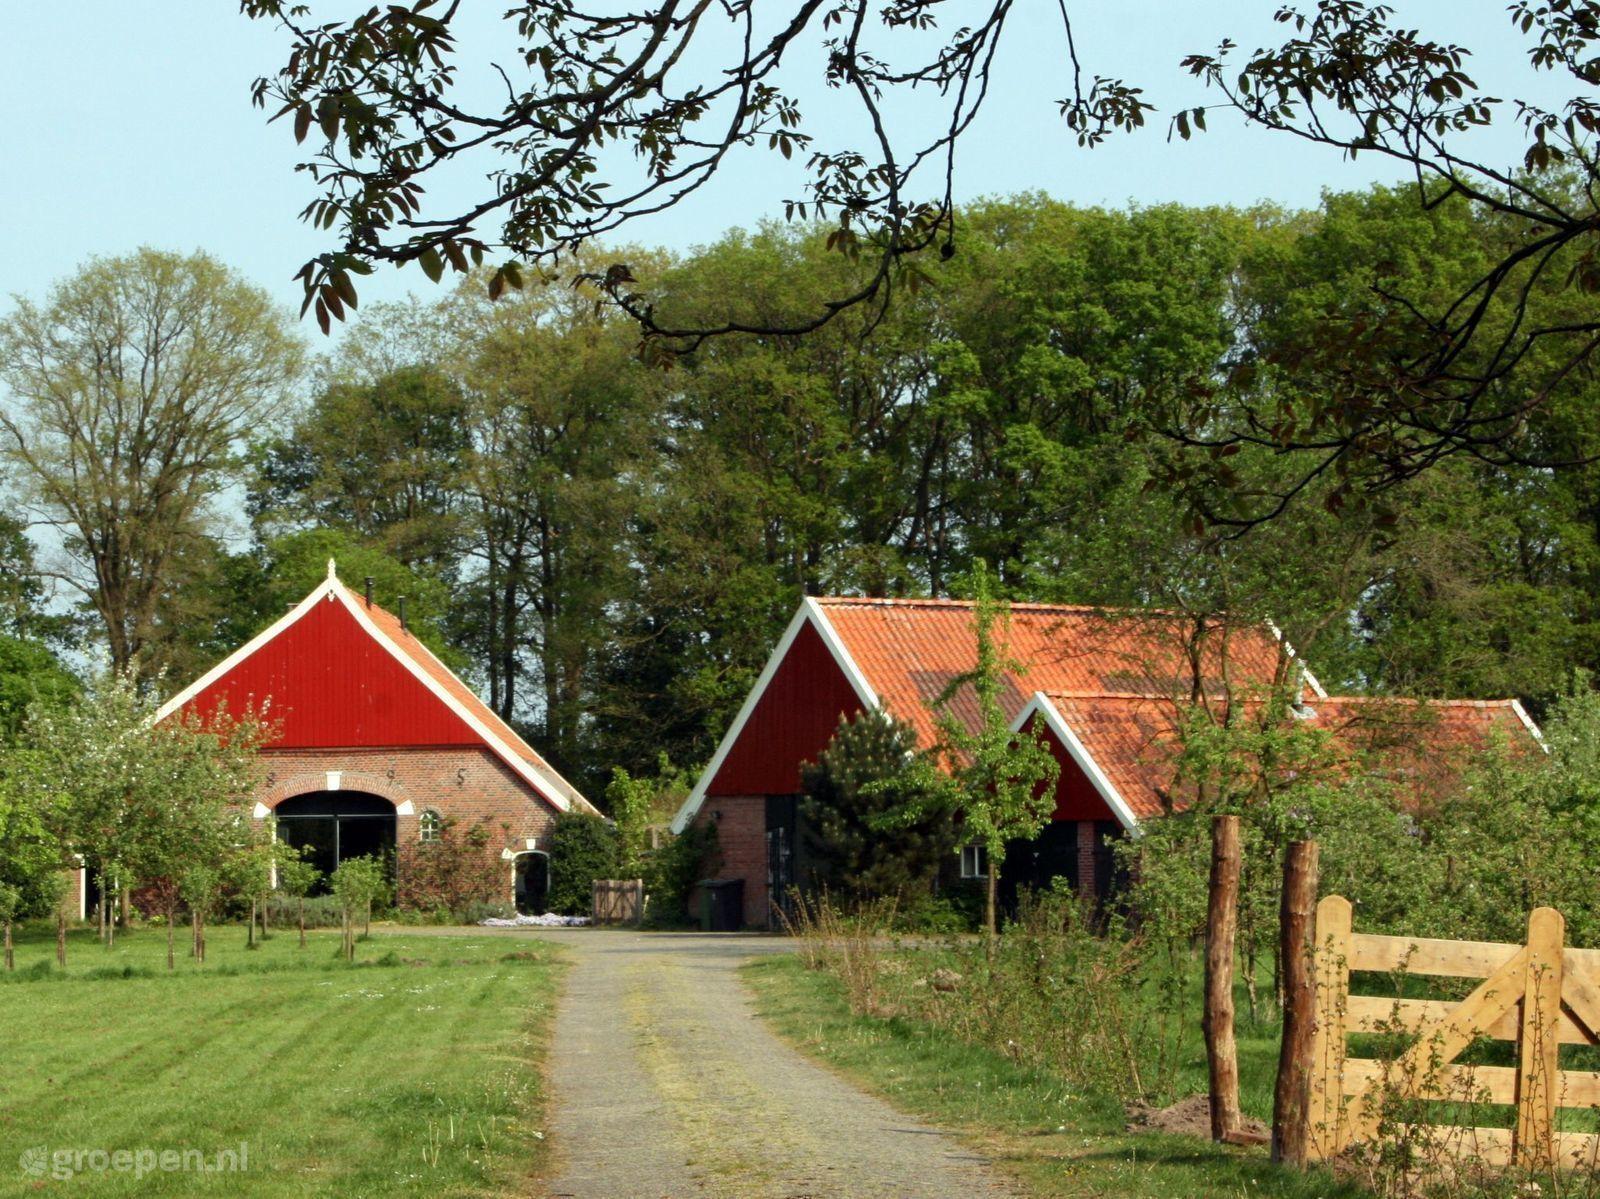 Winterswijk Woold